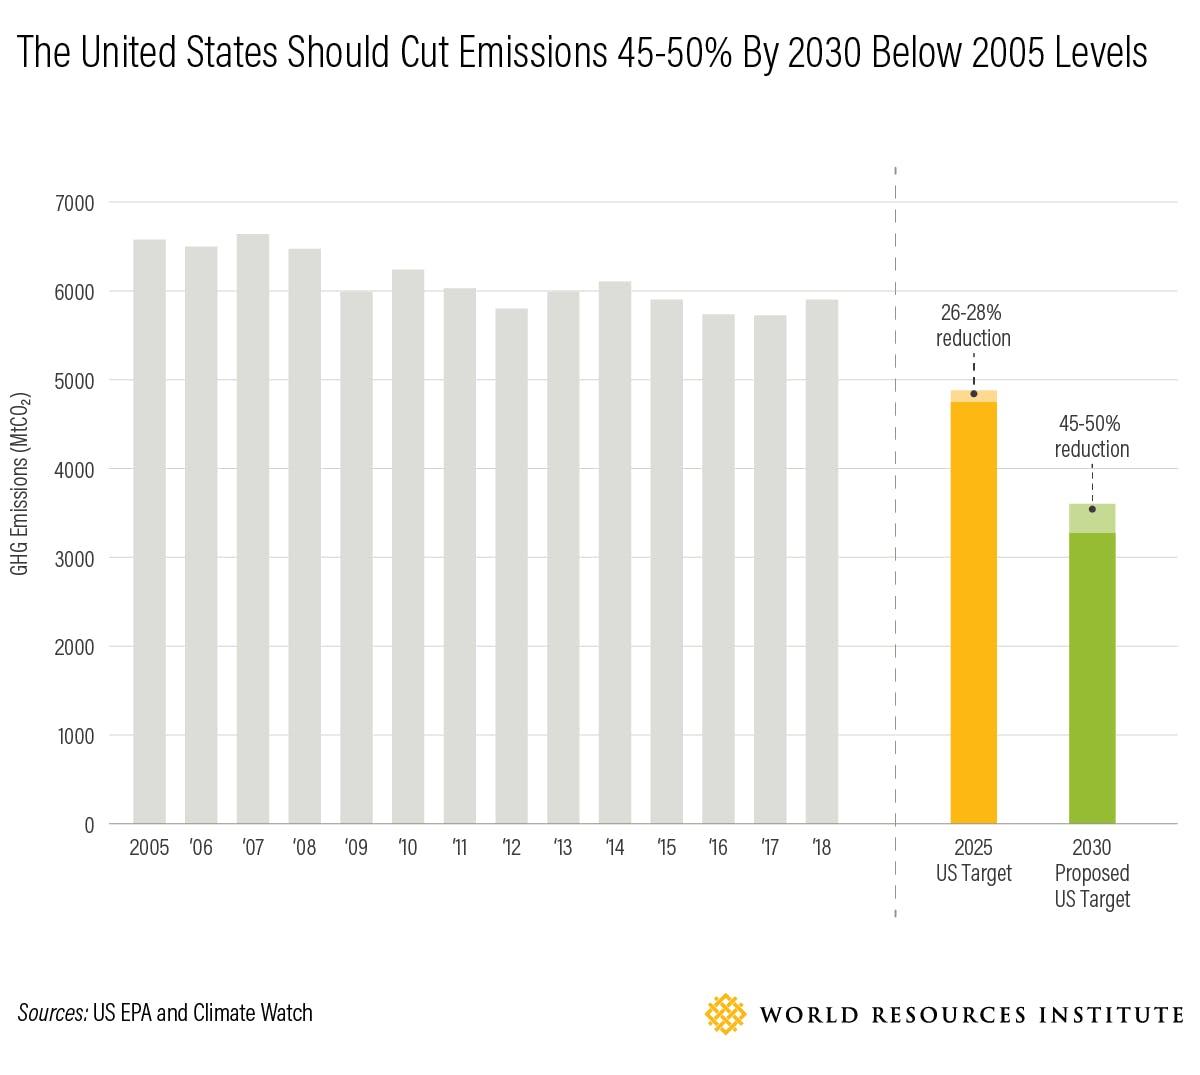 US should cut emissions